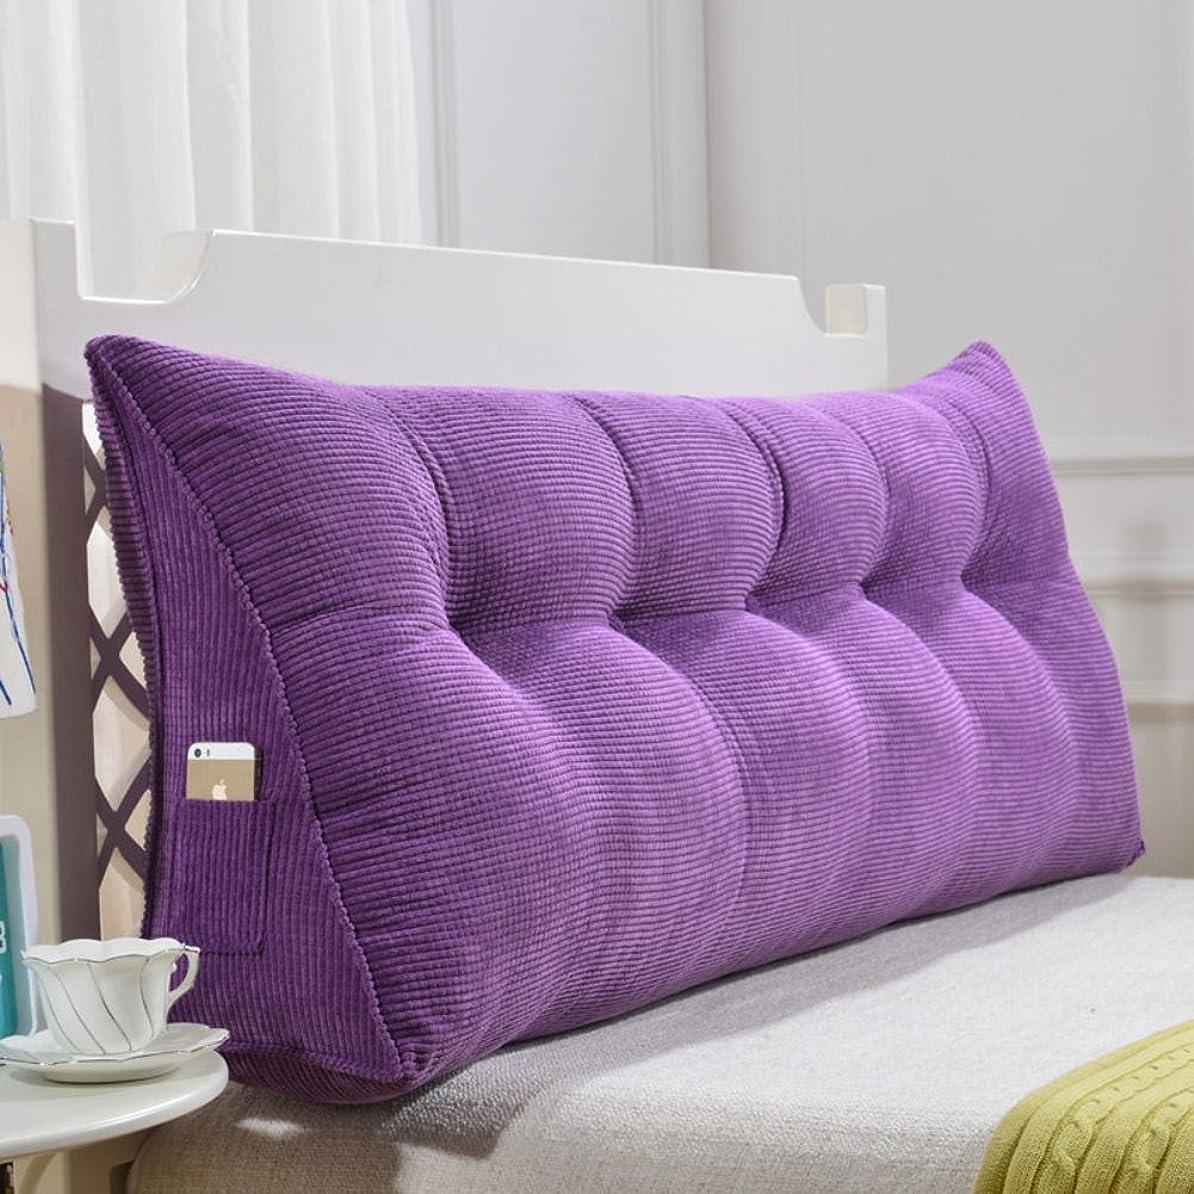 数学的なマスクカウントアップ枕 まくら クッション 腰枕 三角枕 三角形のベッドの残りのくさびのクッション、豪華な装飾された取り外し可能なヘッドボードの洗濯できるボディ装飾された枕箱の裾 - 紫色,20x50x60cm(8x20x24inch)